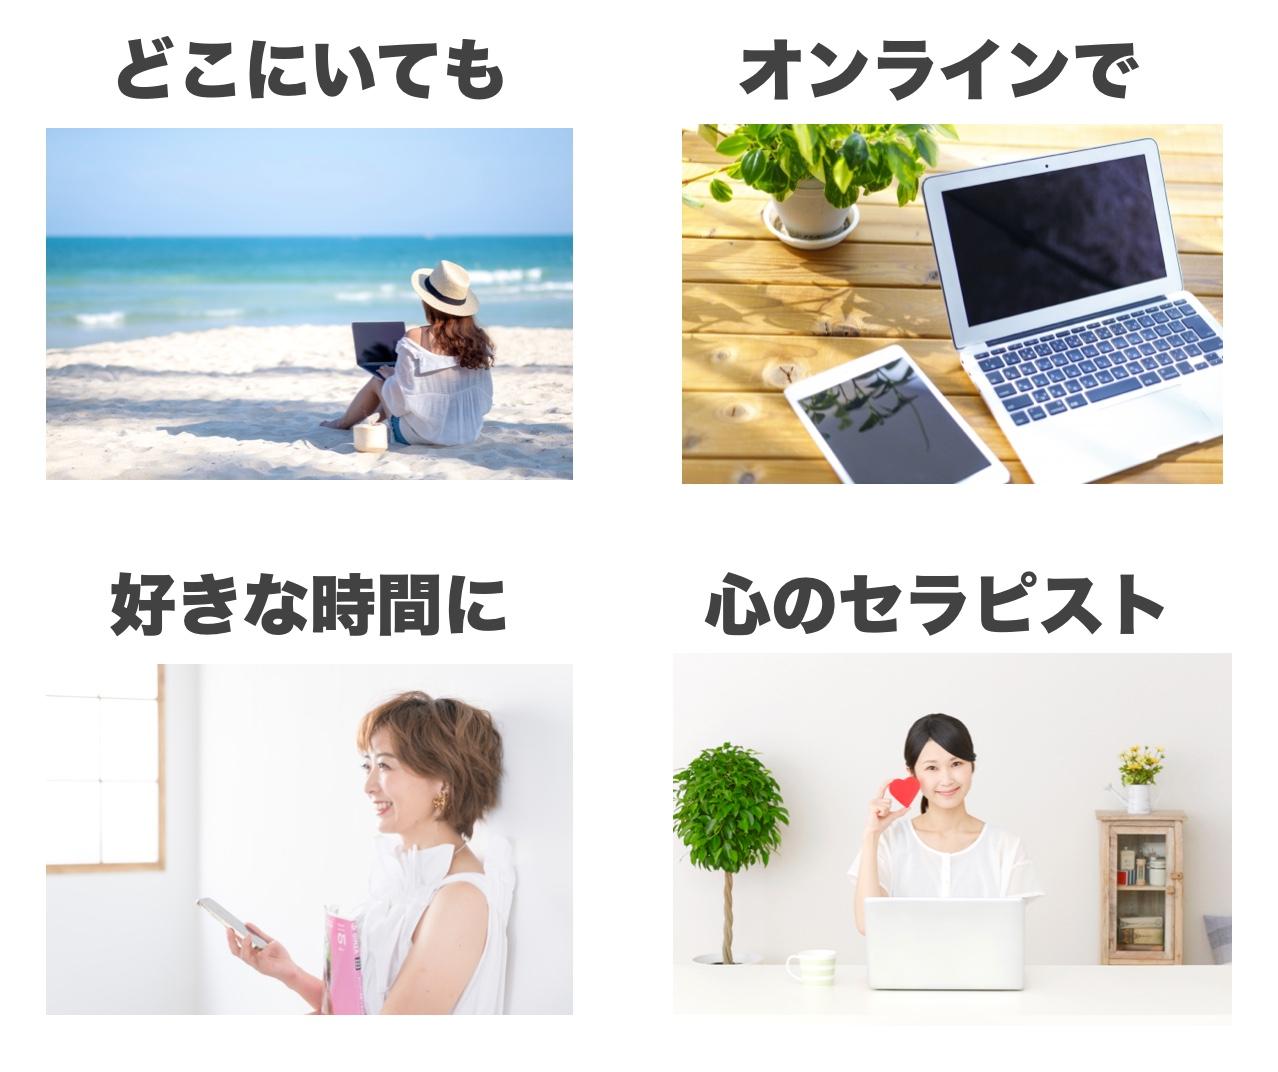 スクリーンショット 2021-09-23 0.19.03.png